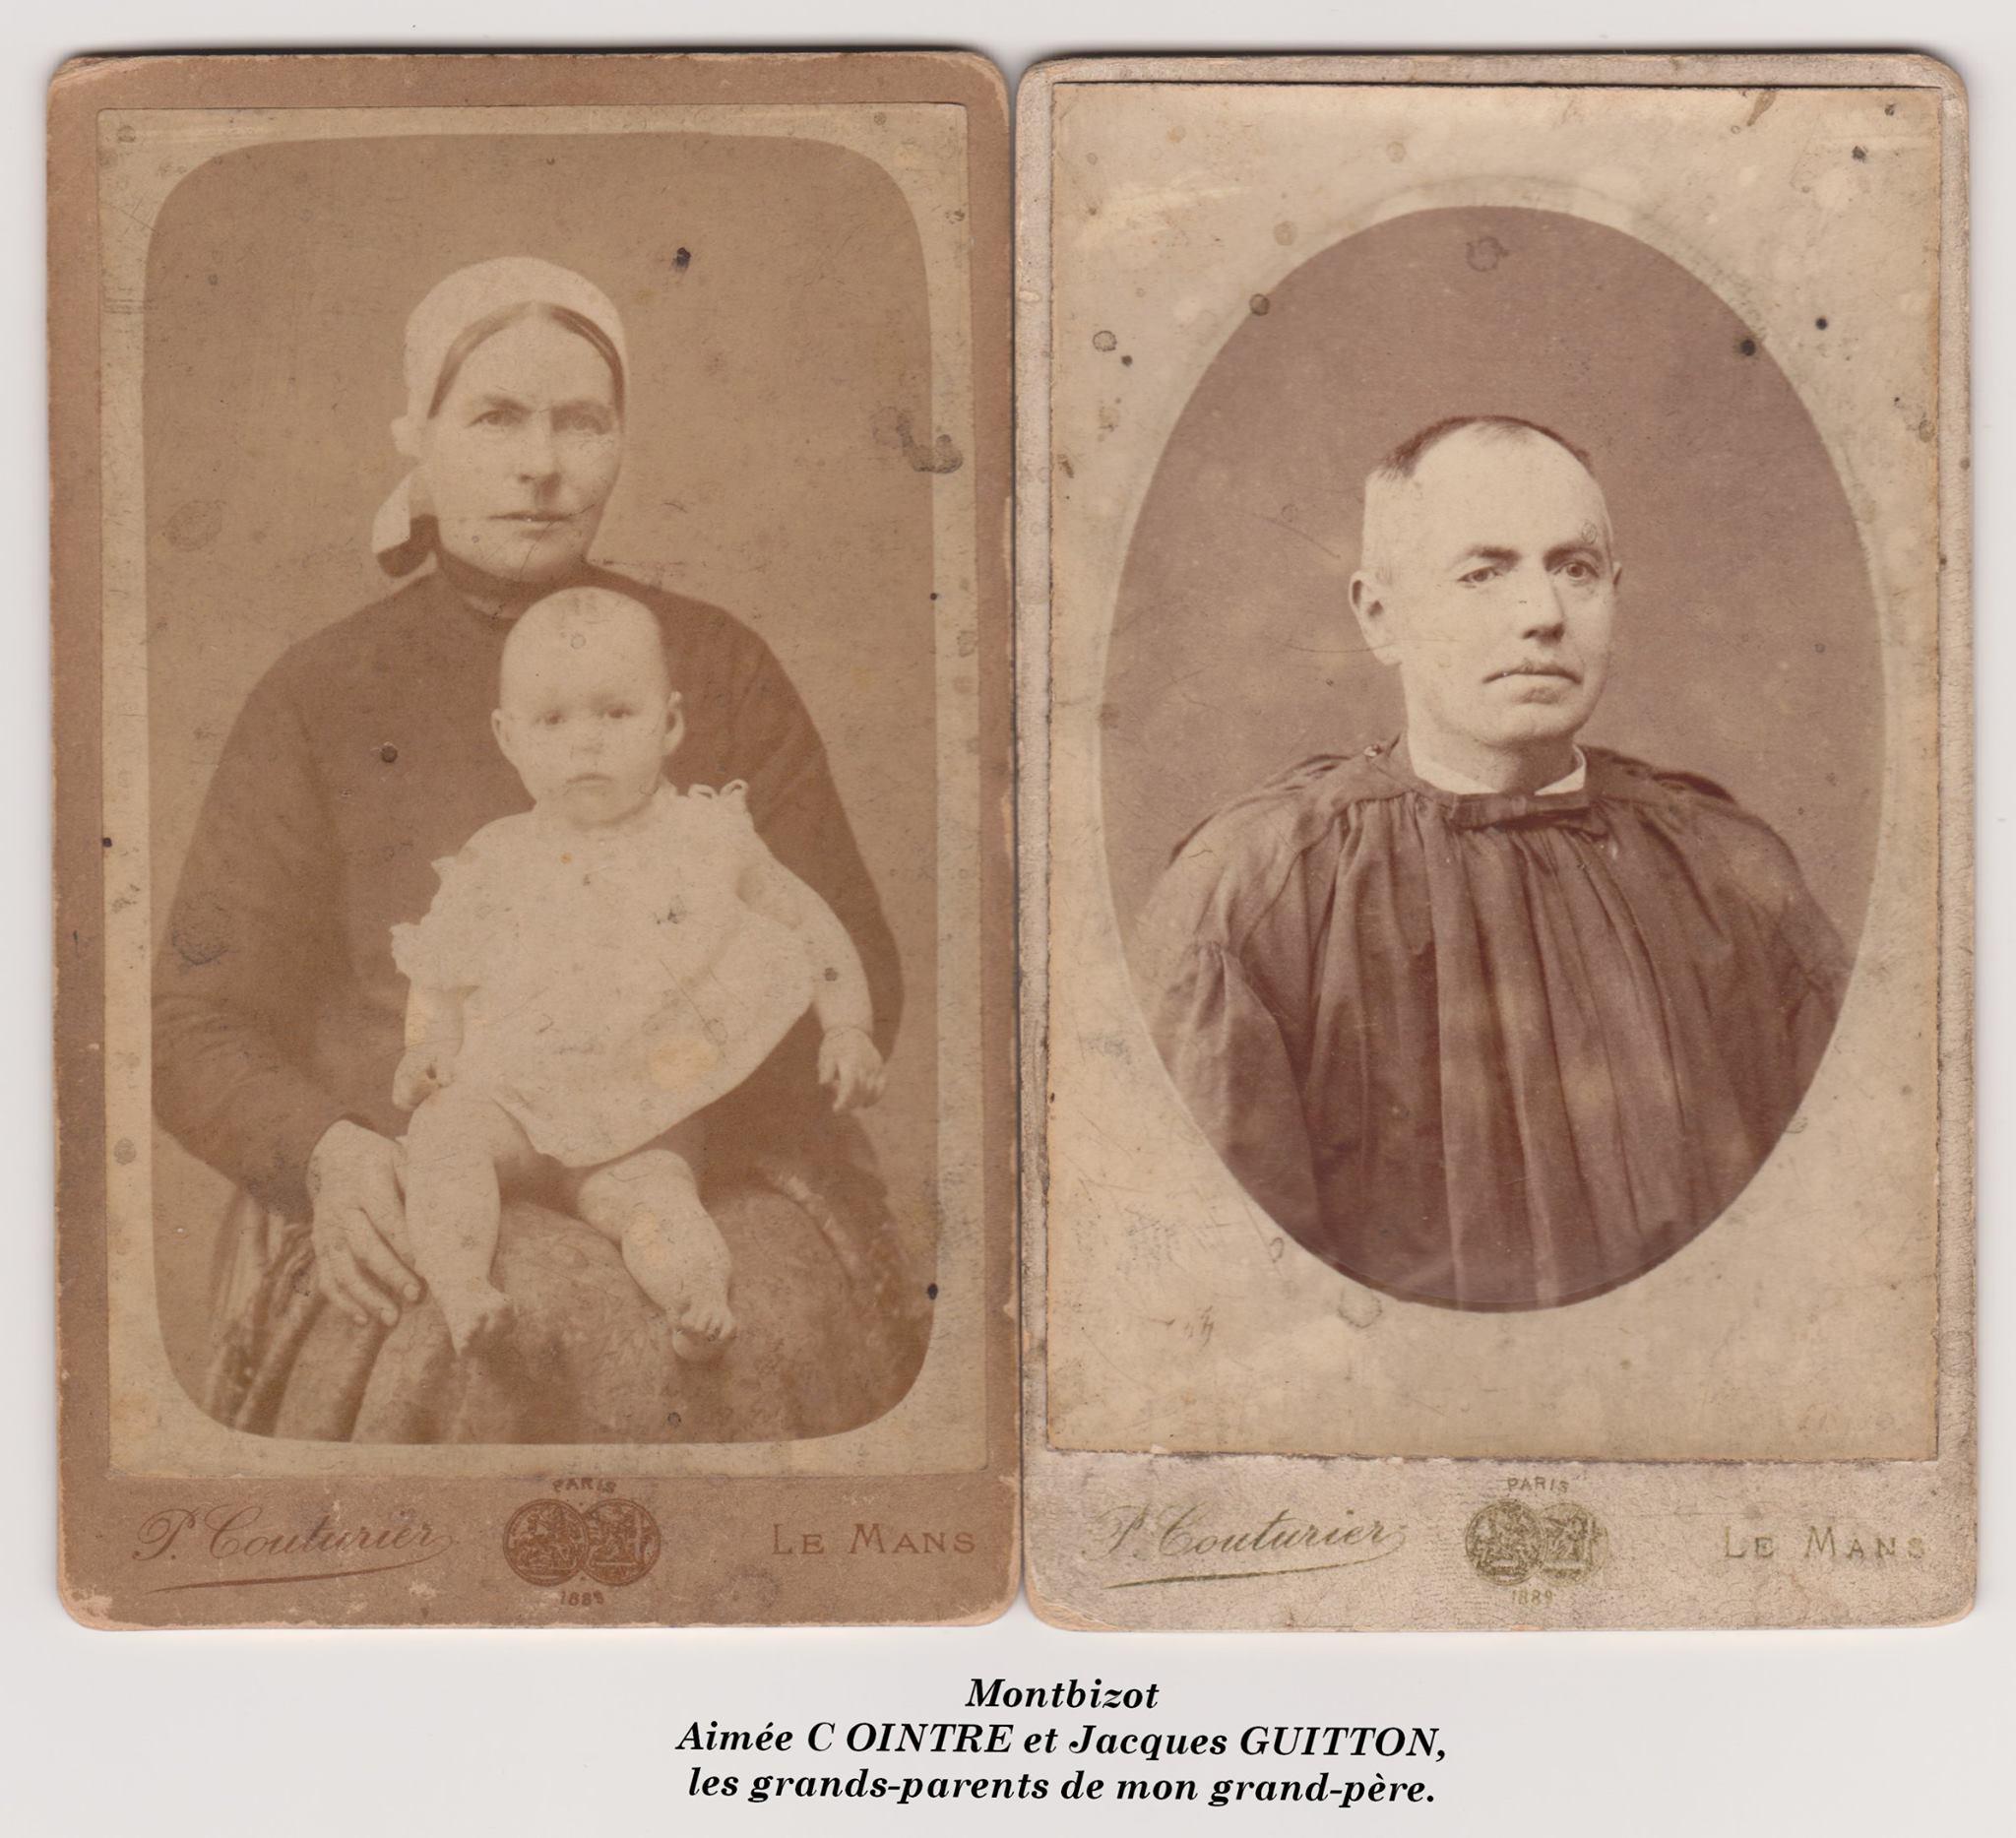 Montbizot - Couples et familles - COINTRE Aimée et GUITTON Jacques - Les grands parents de mon grand père (Didier Cantin)